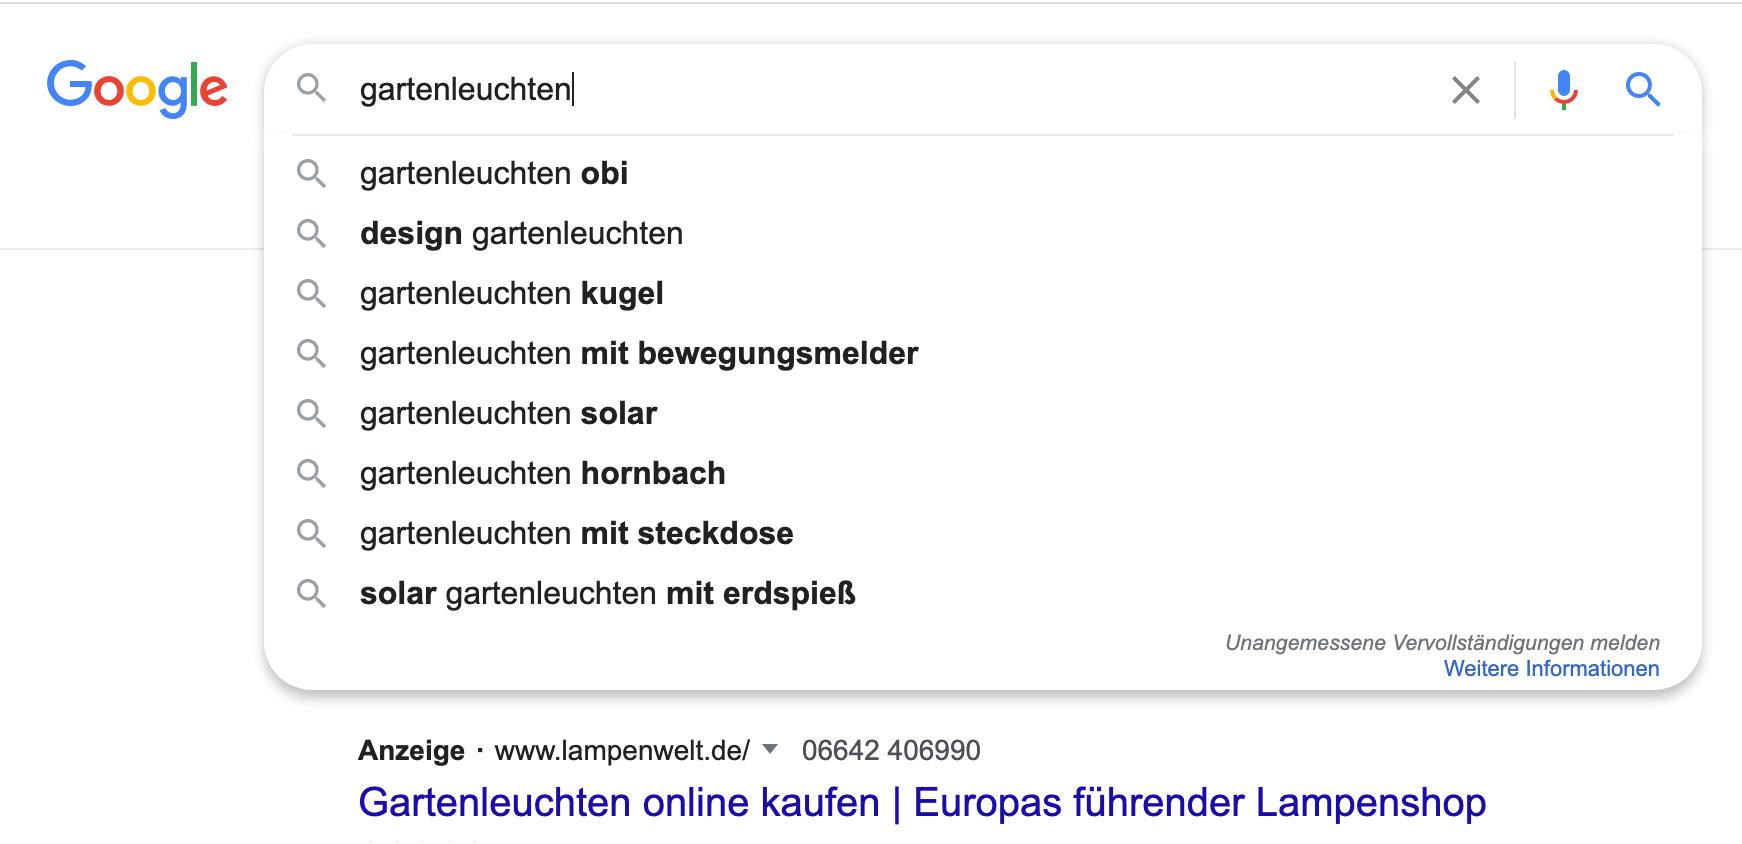 Erfolgreich bloggen: Google Suggest ist manchmal sehr hilfreich bei der Keyword-Recherche.